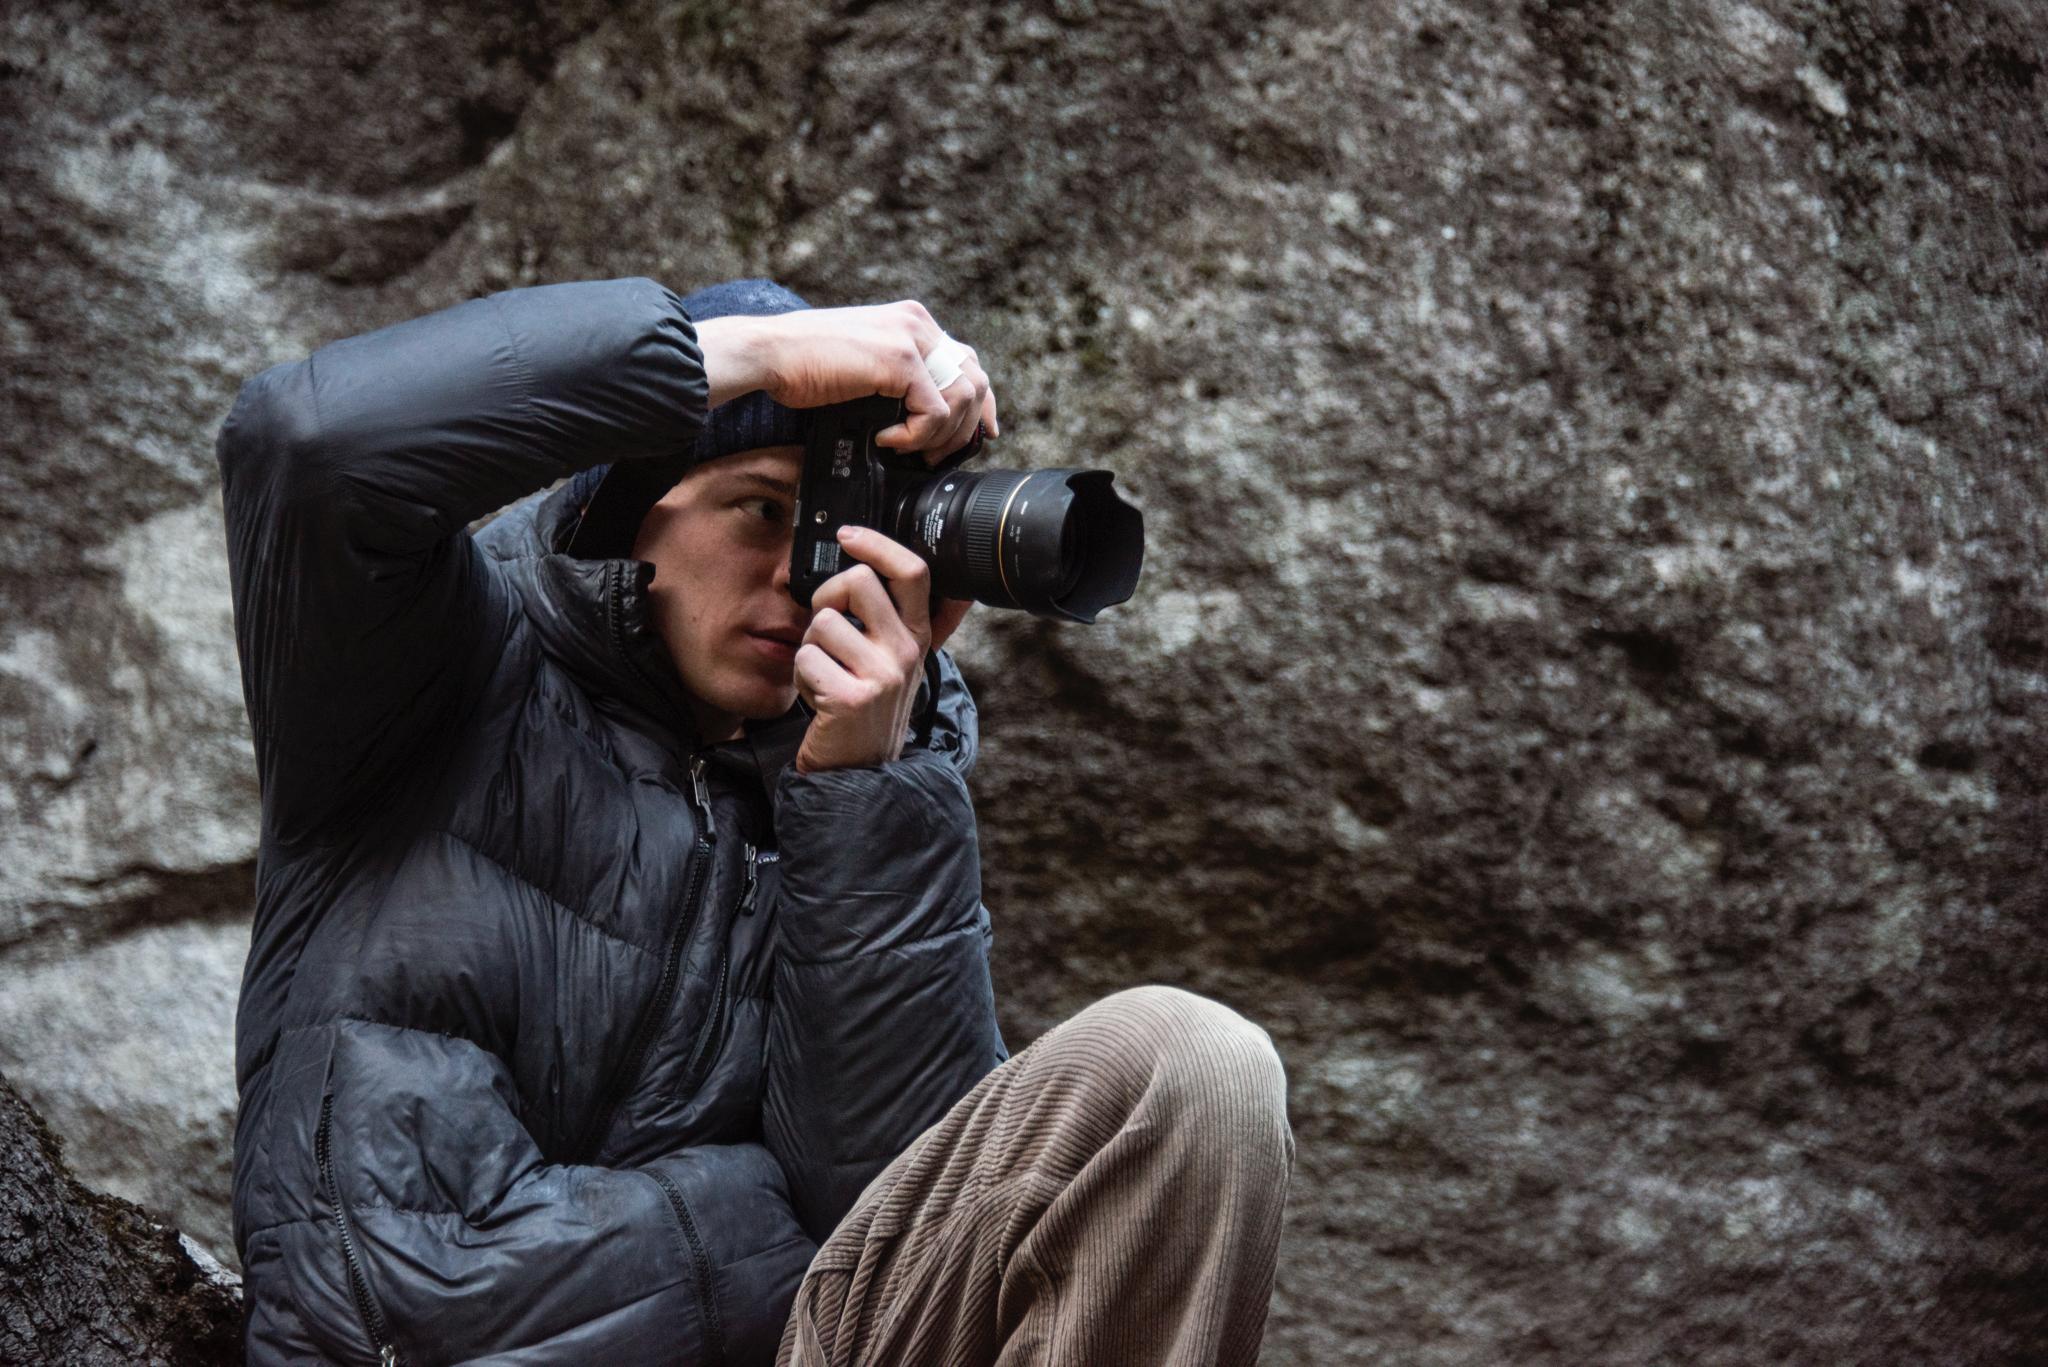 Lukas beim Fotografieren im Tessin Frühjahr 2020.